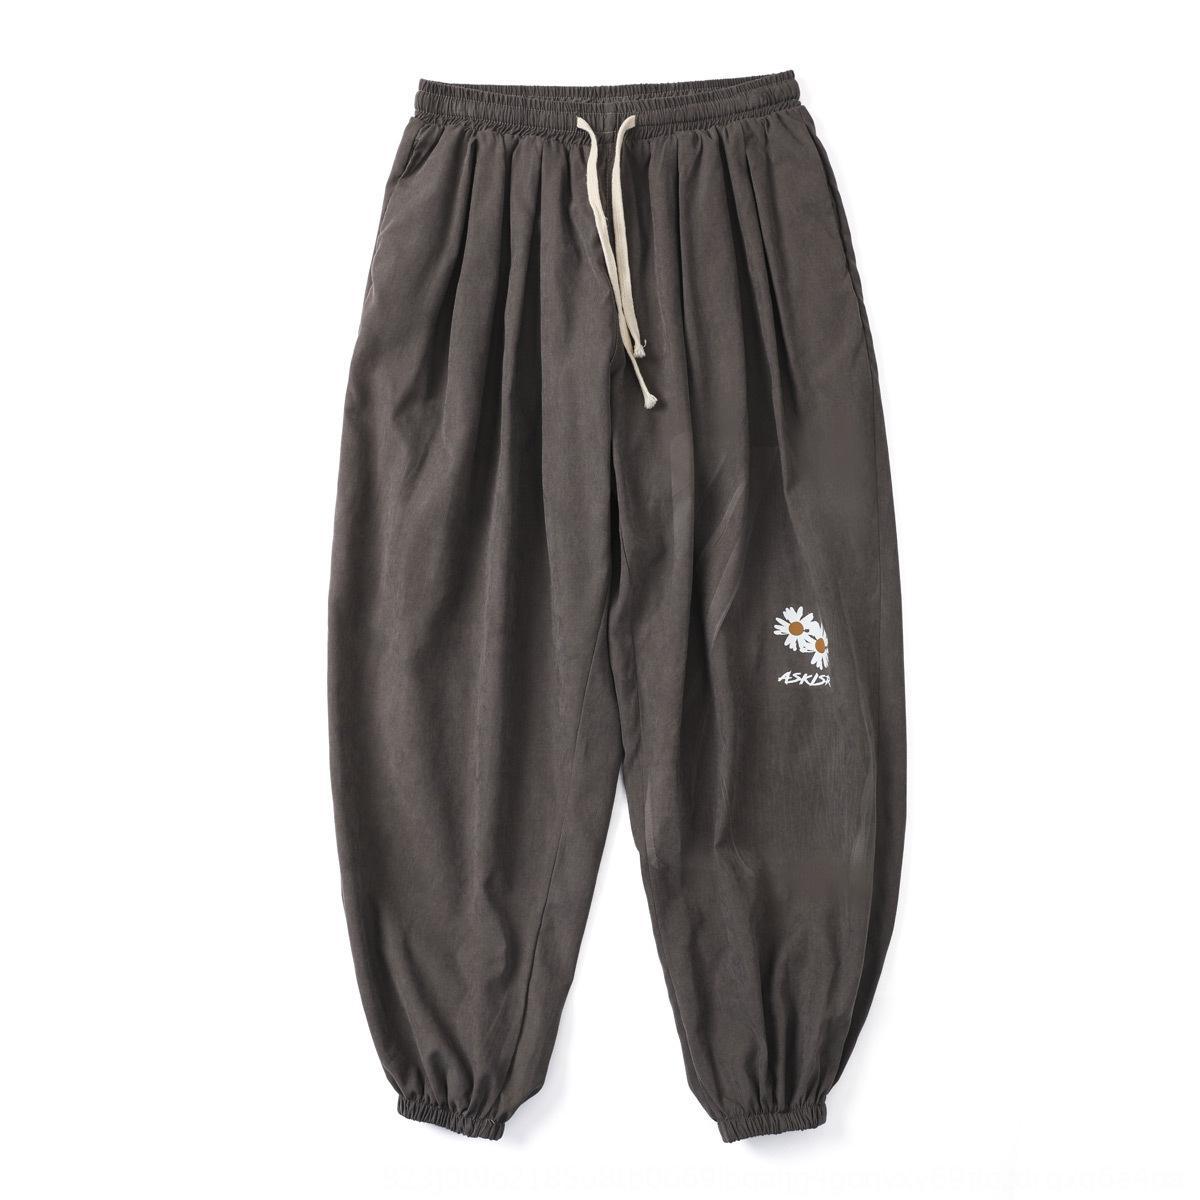 Pantalon coréen de la mode de GPNKV hommes Pantalons versatiles trousersloose et leggings étiquette de la mode d'été du sport jambes capris mince tSpyI